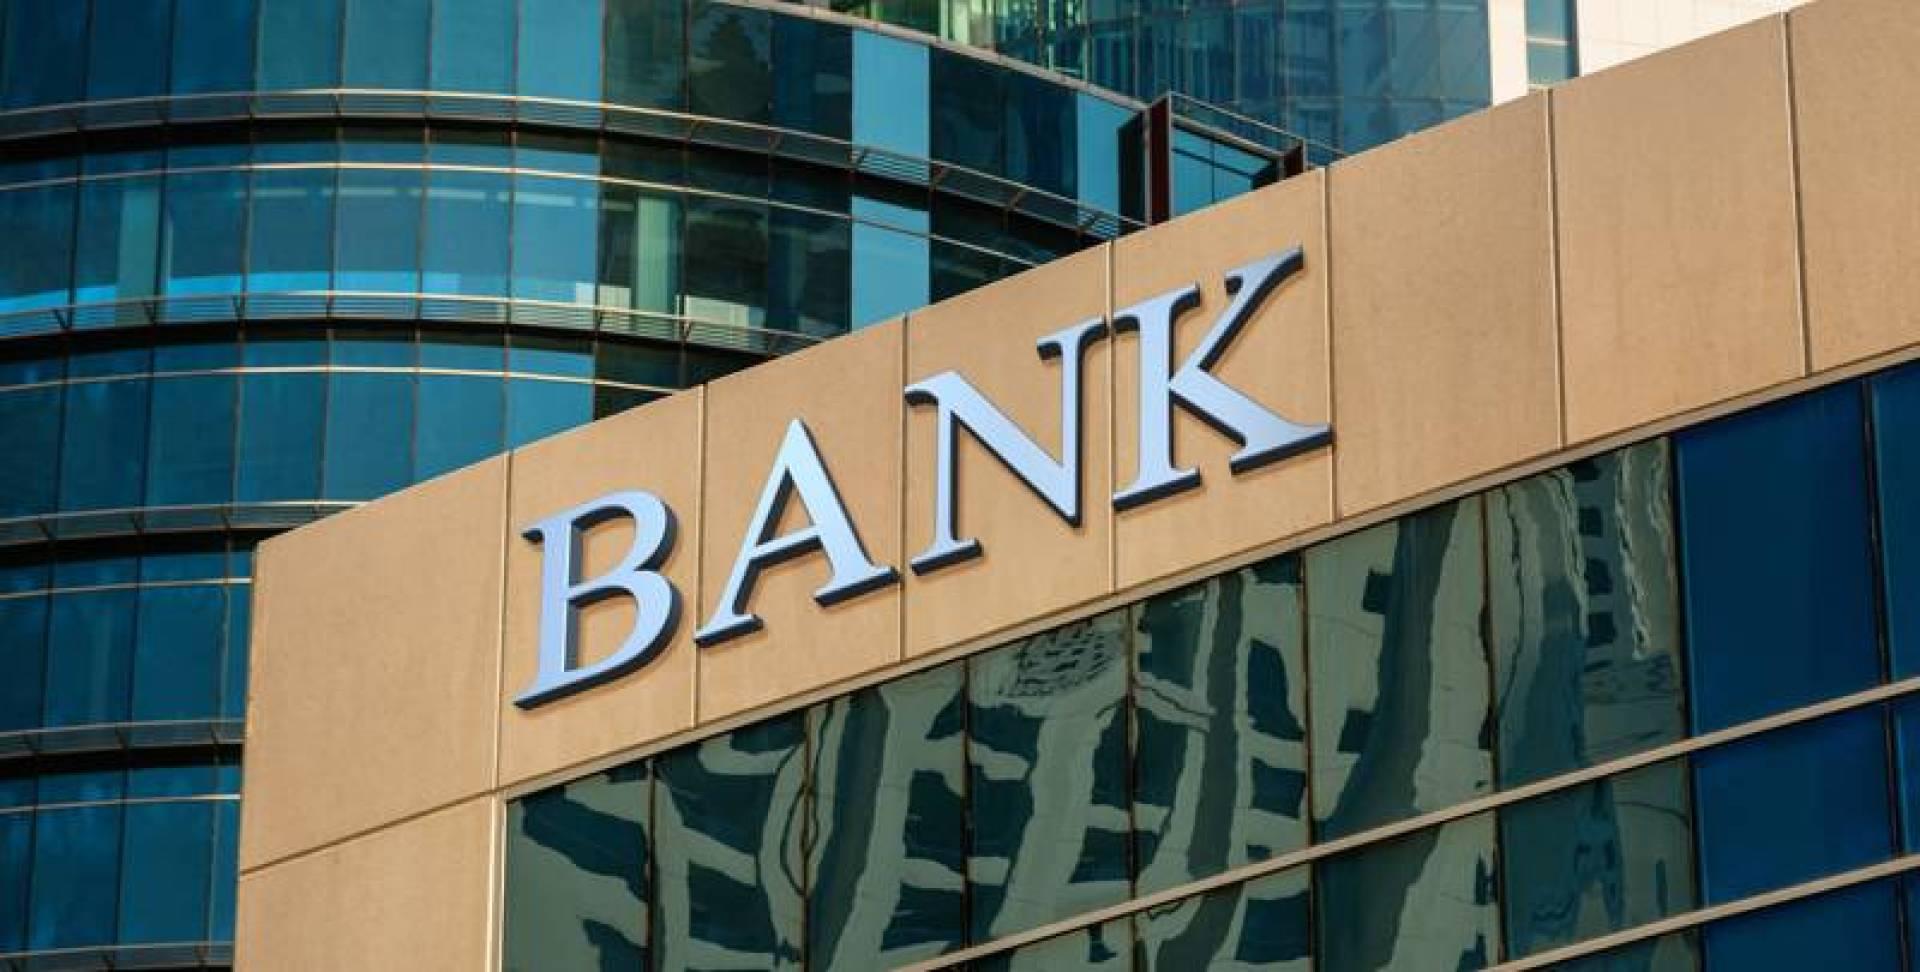 %89 من الكويتيين مستعدون لتغيير «بنكهم»